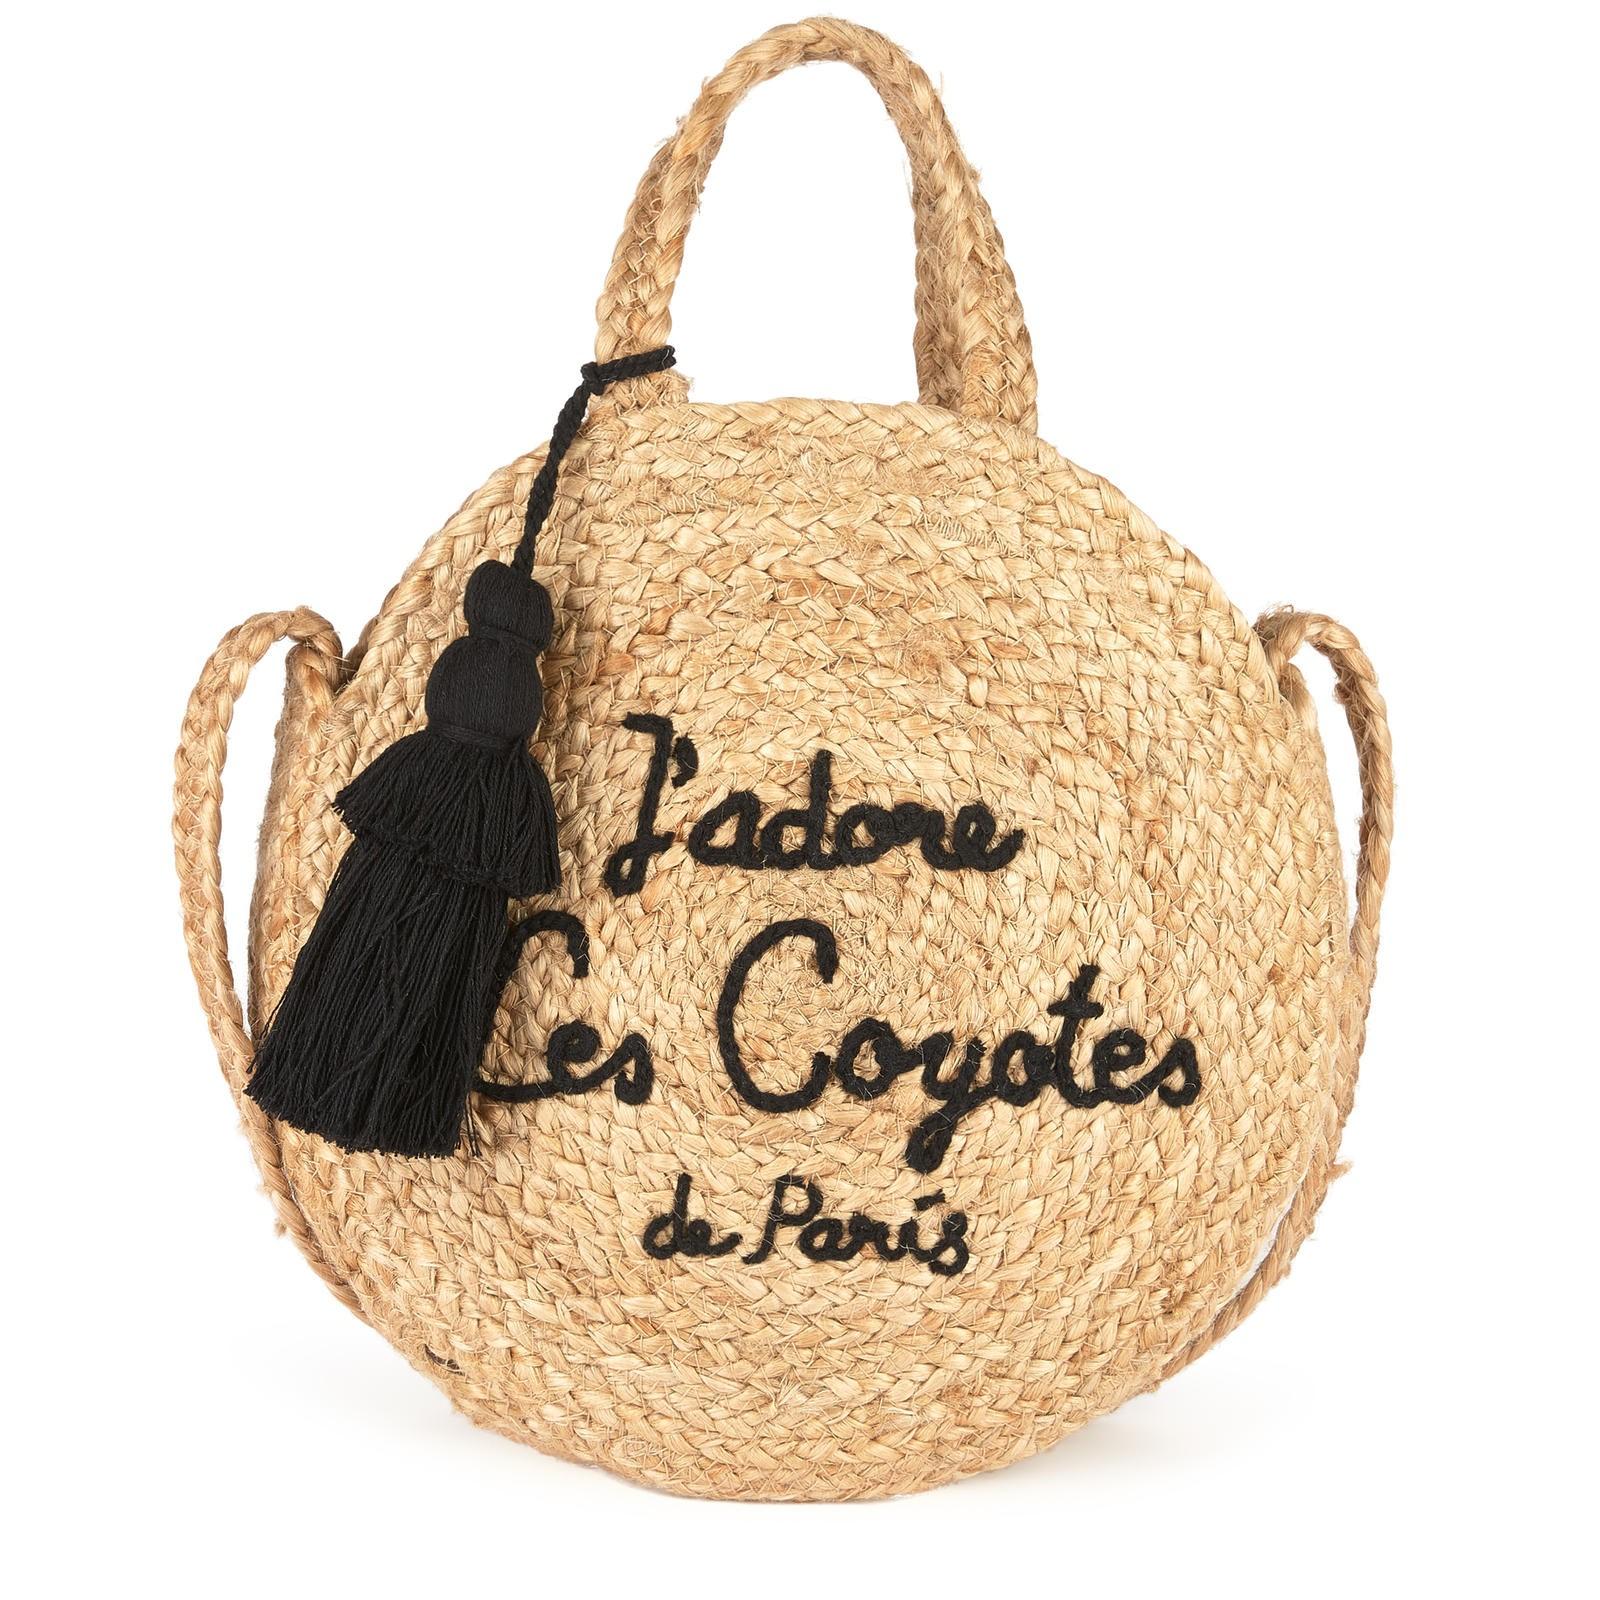 a2950afb_1545186601_z_les-coyotes-de-paris_259198_A